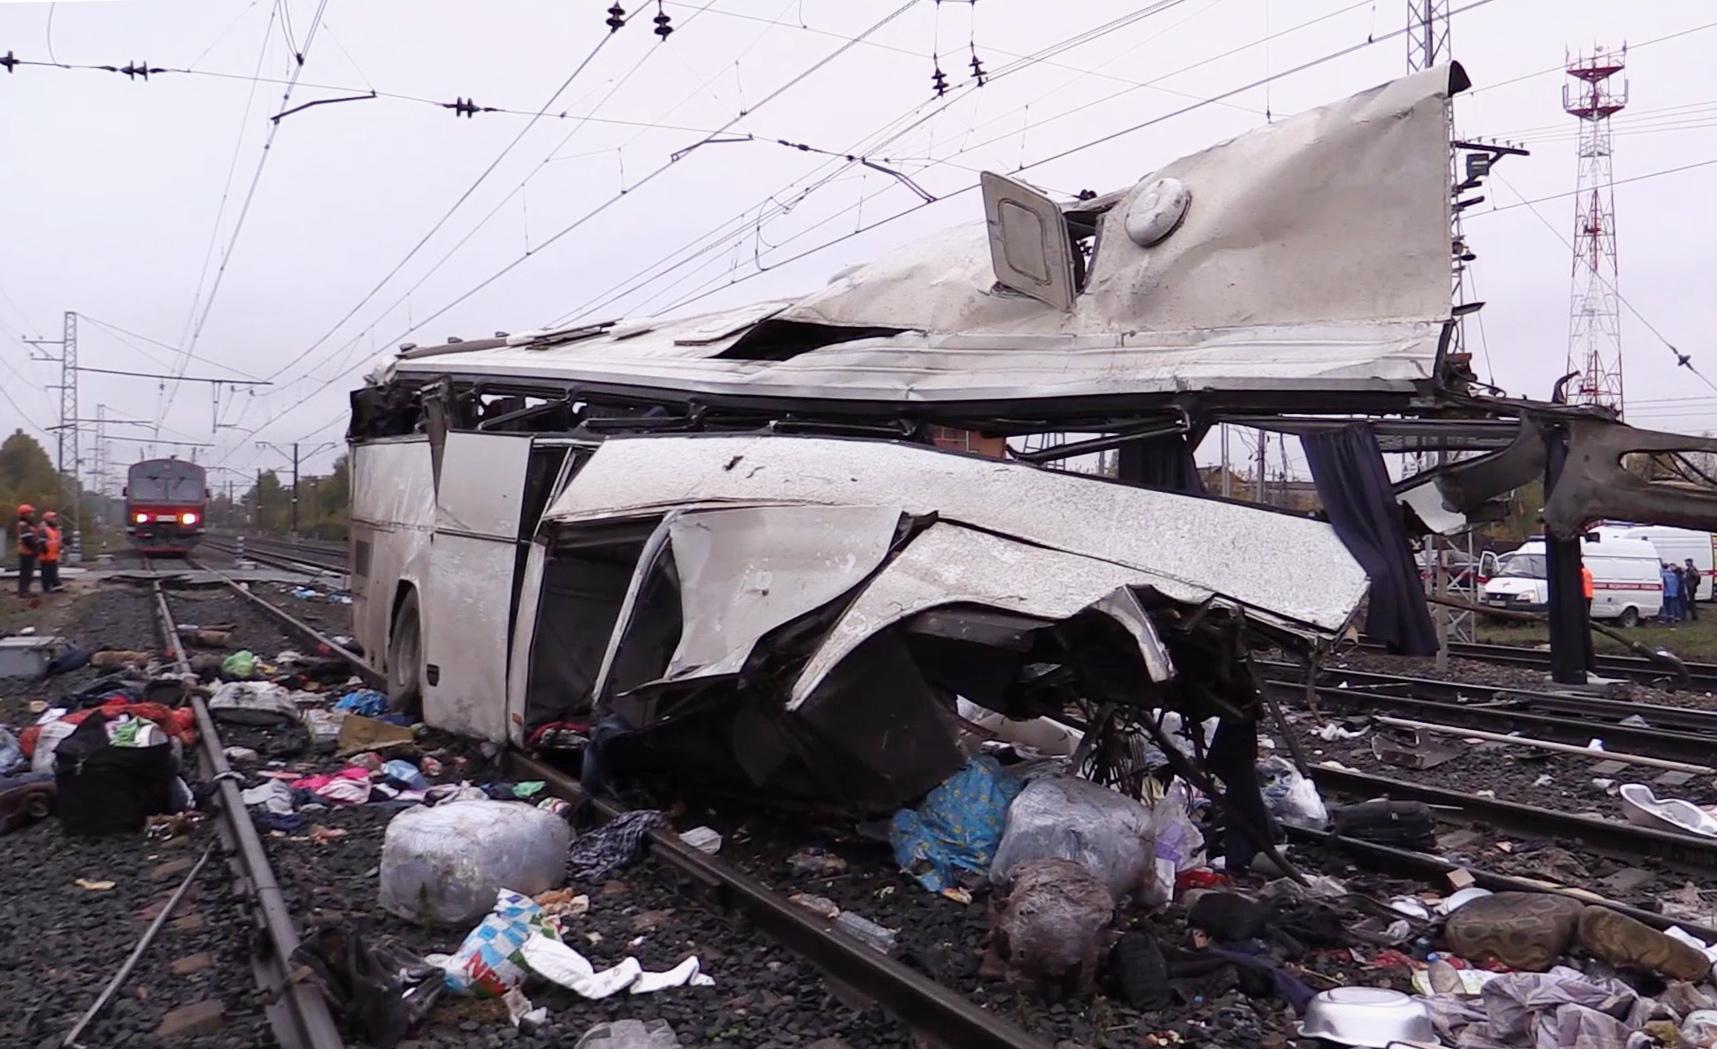 СРОЧНО! Первые подробности жуткой автокатастрофы в России! Количество трупов поражает. Ужасное видео